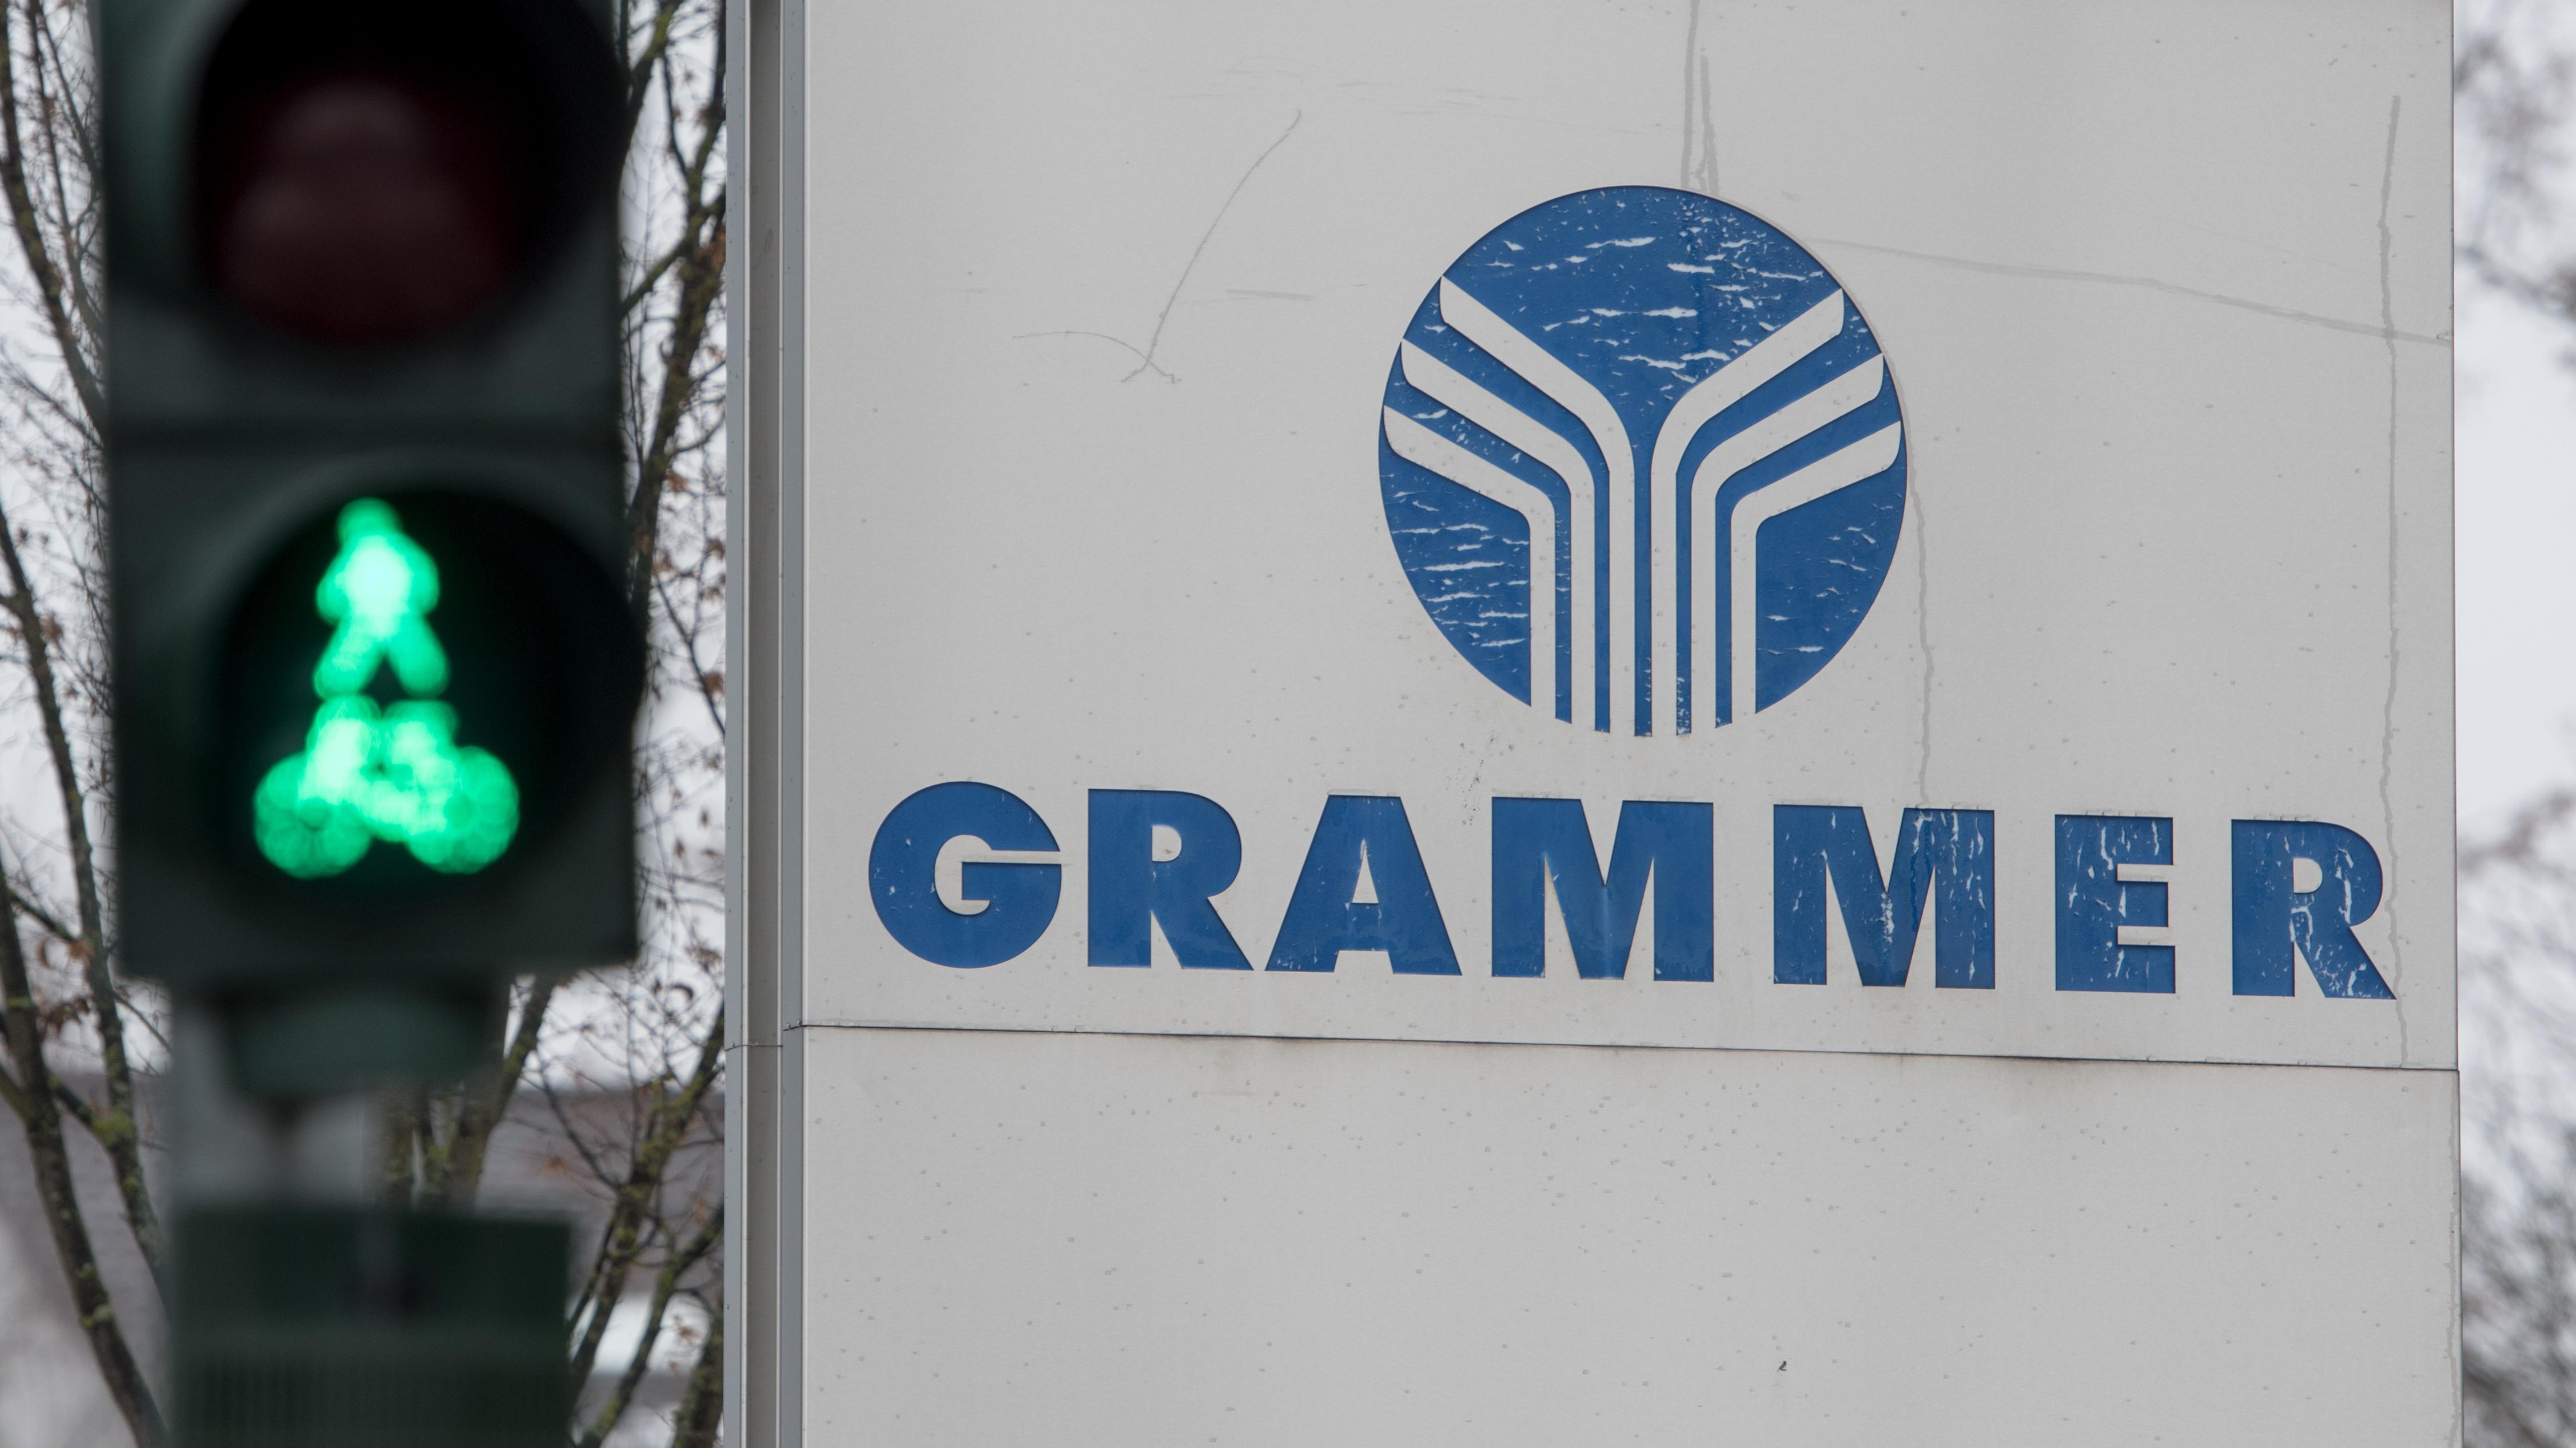 Übernahme durch chinesische Investoren und den Vorstand ausgewechselt: Der Amberger Zulieferer Grammer hat ein turbulentes Jahr hinter sich.